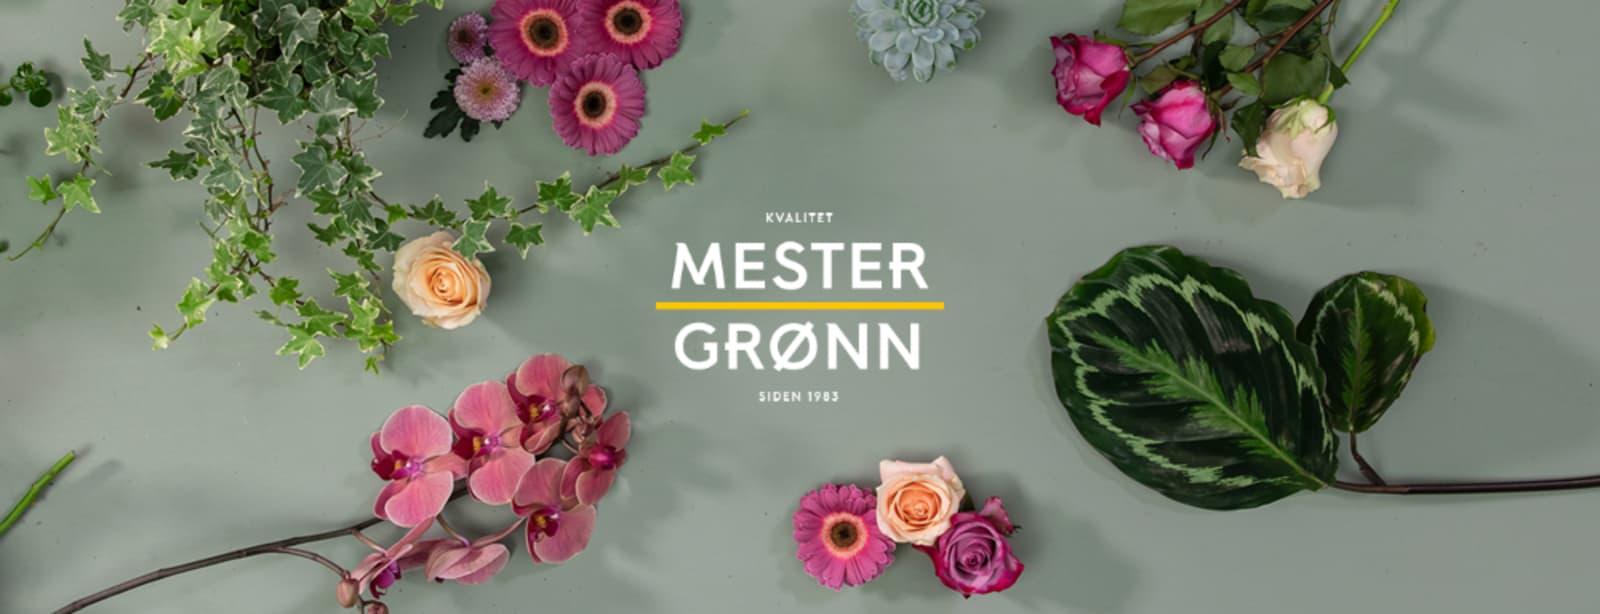 Friske blomster som ligger på et bord med Mester Grønn logo